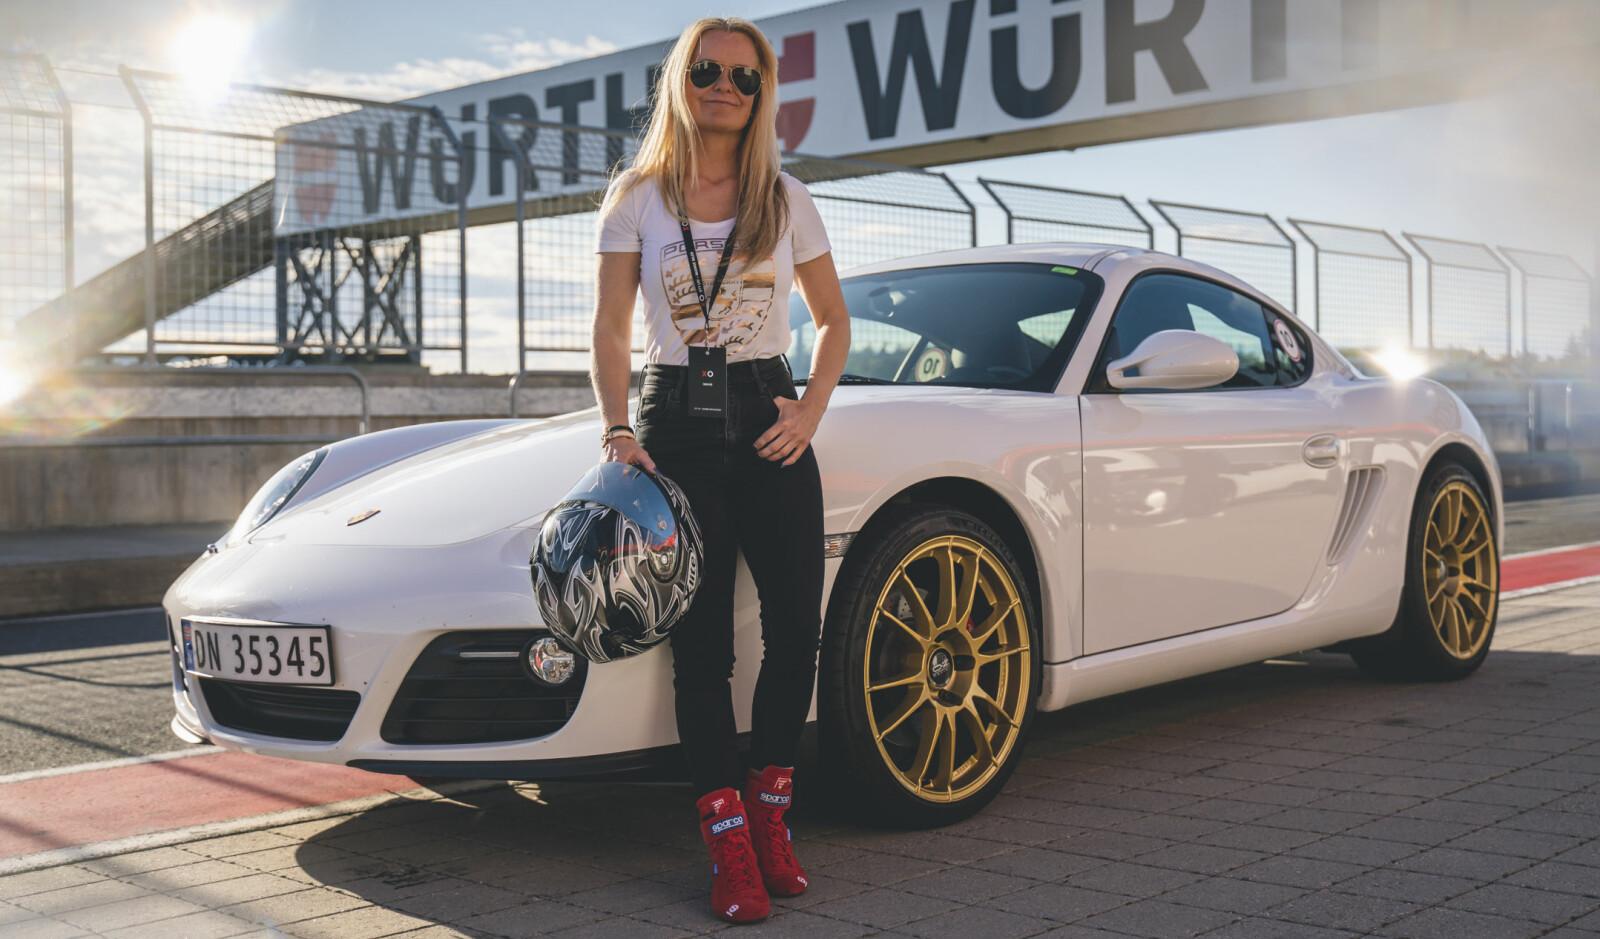 <b>VIL HA MED FLERE JENTER: </b>Simone Mellegaard kan skru bil og i beste fall kjøre fra stimen av mannfolka med langt dyrere og raskere Porsche-modeller. Ofte er hun eneste kvinne blant hundrevis av mannfolk på banedager.